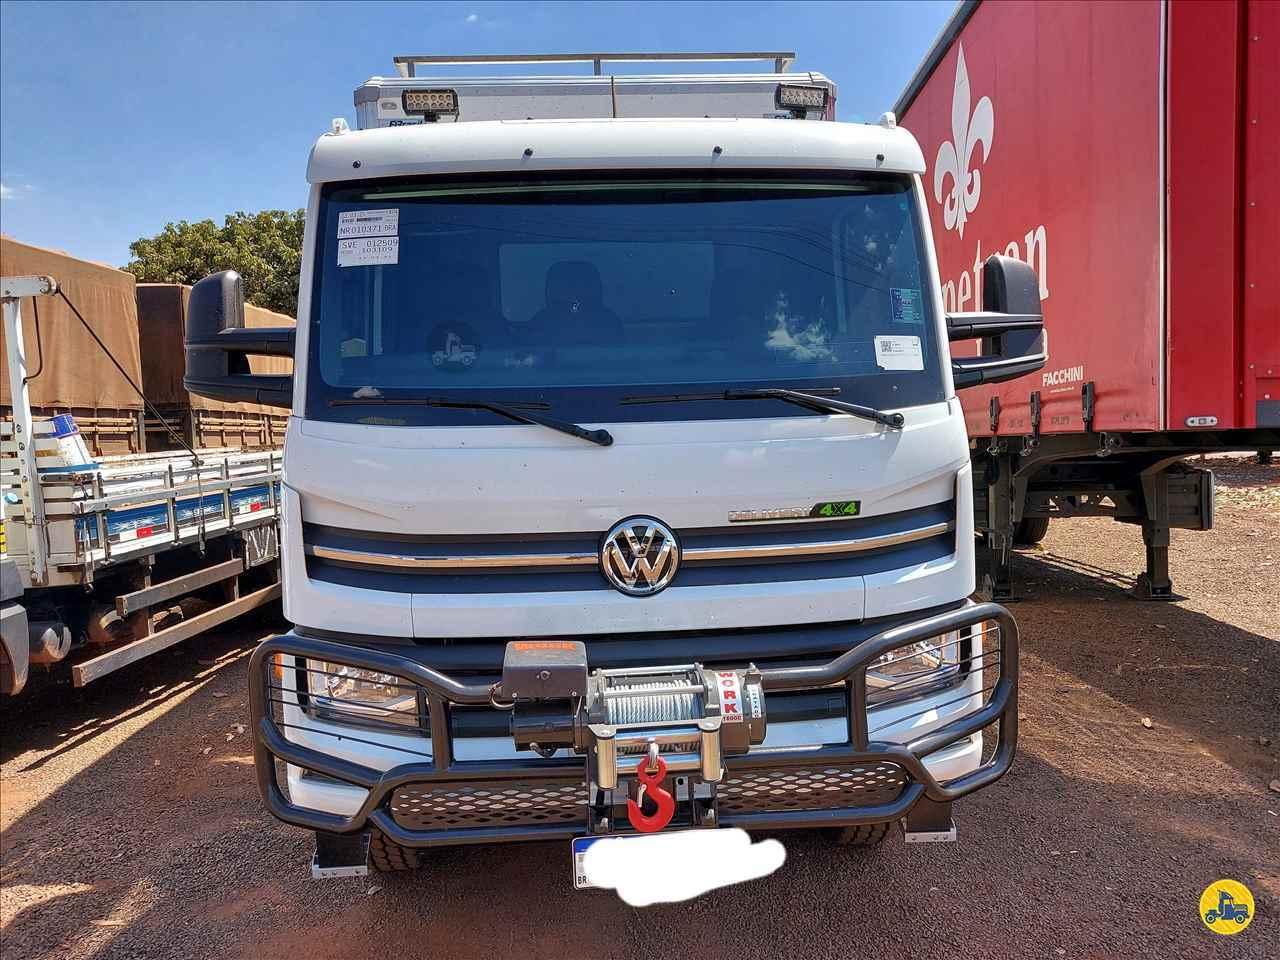 CAMINHAO VOLKSWAGEN VW 11180 Baú Furgão 3/4 4x4 Usados Rio Verde Caminhões e Carretas RIO VERDE GOIAS GO